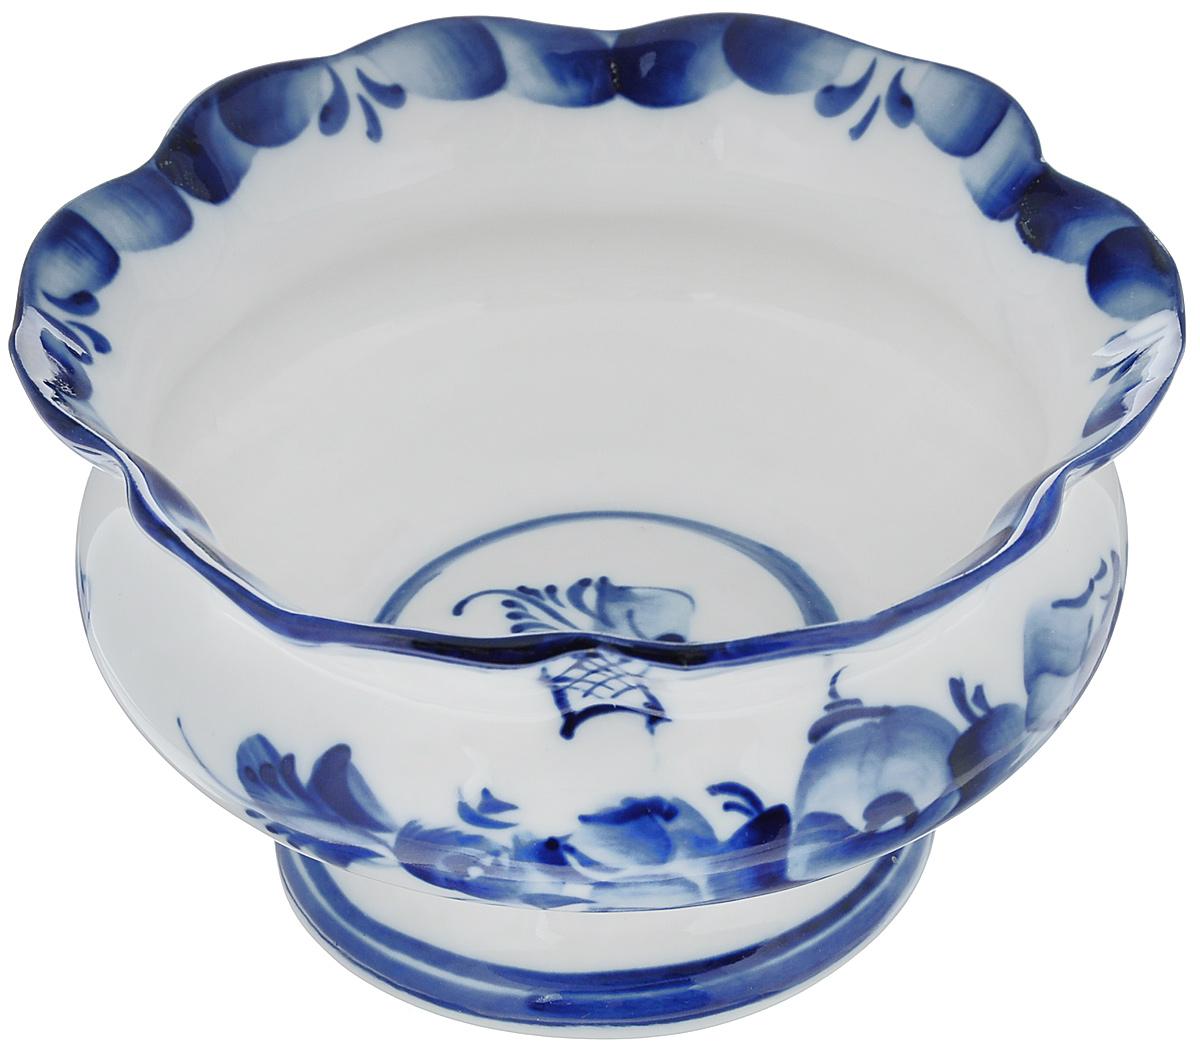 Ваза для варенья Идиллия2с, диаметр 12 смGE01-1016Ваза для варенья Идиллия выполнена из высококачественной керамики и оформлена гжелью. Емкость оснащена волнистыми краями и, несомненно, понравится любителям классического стиля.Такая ваза украсит ваш праздничный или обеденный стол, а яркое оформление понравится любой хозяйке.Уважаемые клиенты!Обращаем ваше внимание, что роспись на изделии выполнена вручную. Рисунок может немного отличаться от изображения на фотографии.Диаметр (по верхнему краю): 12 см.Высота: 7 см.